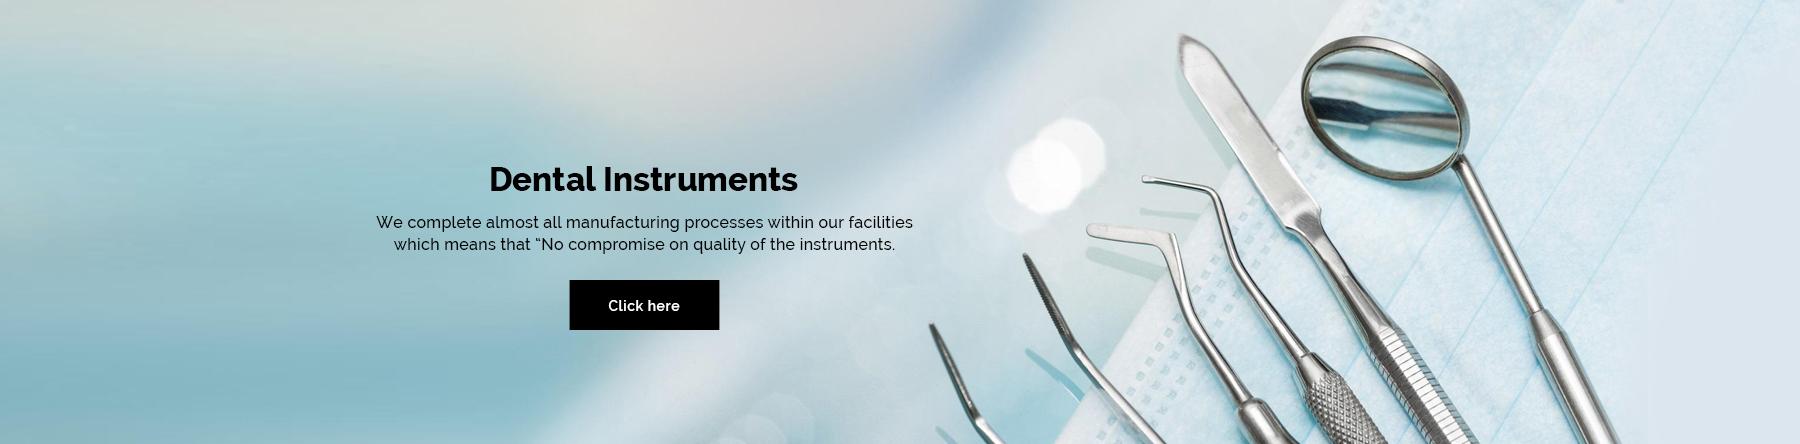 Dental Instruments | Frontline Surgical (Pvt) Ltd